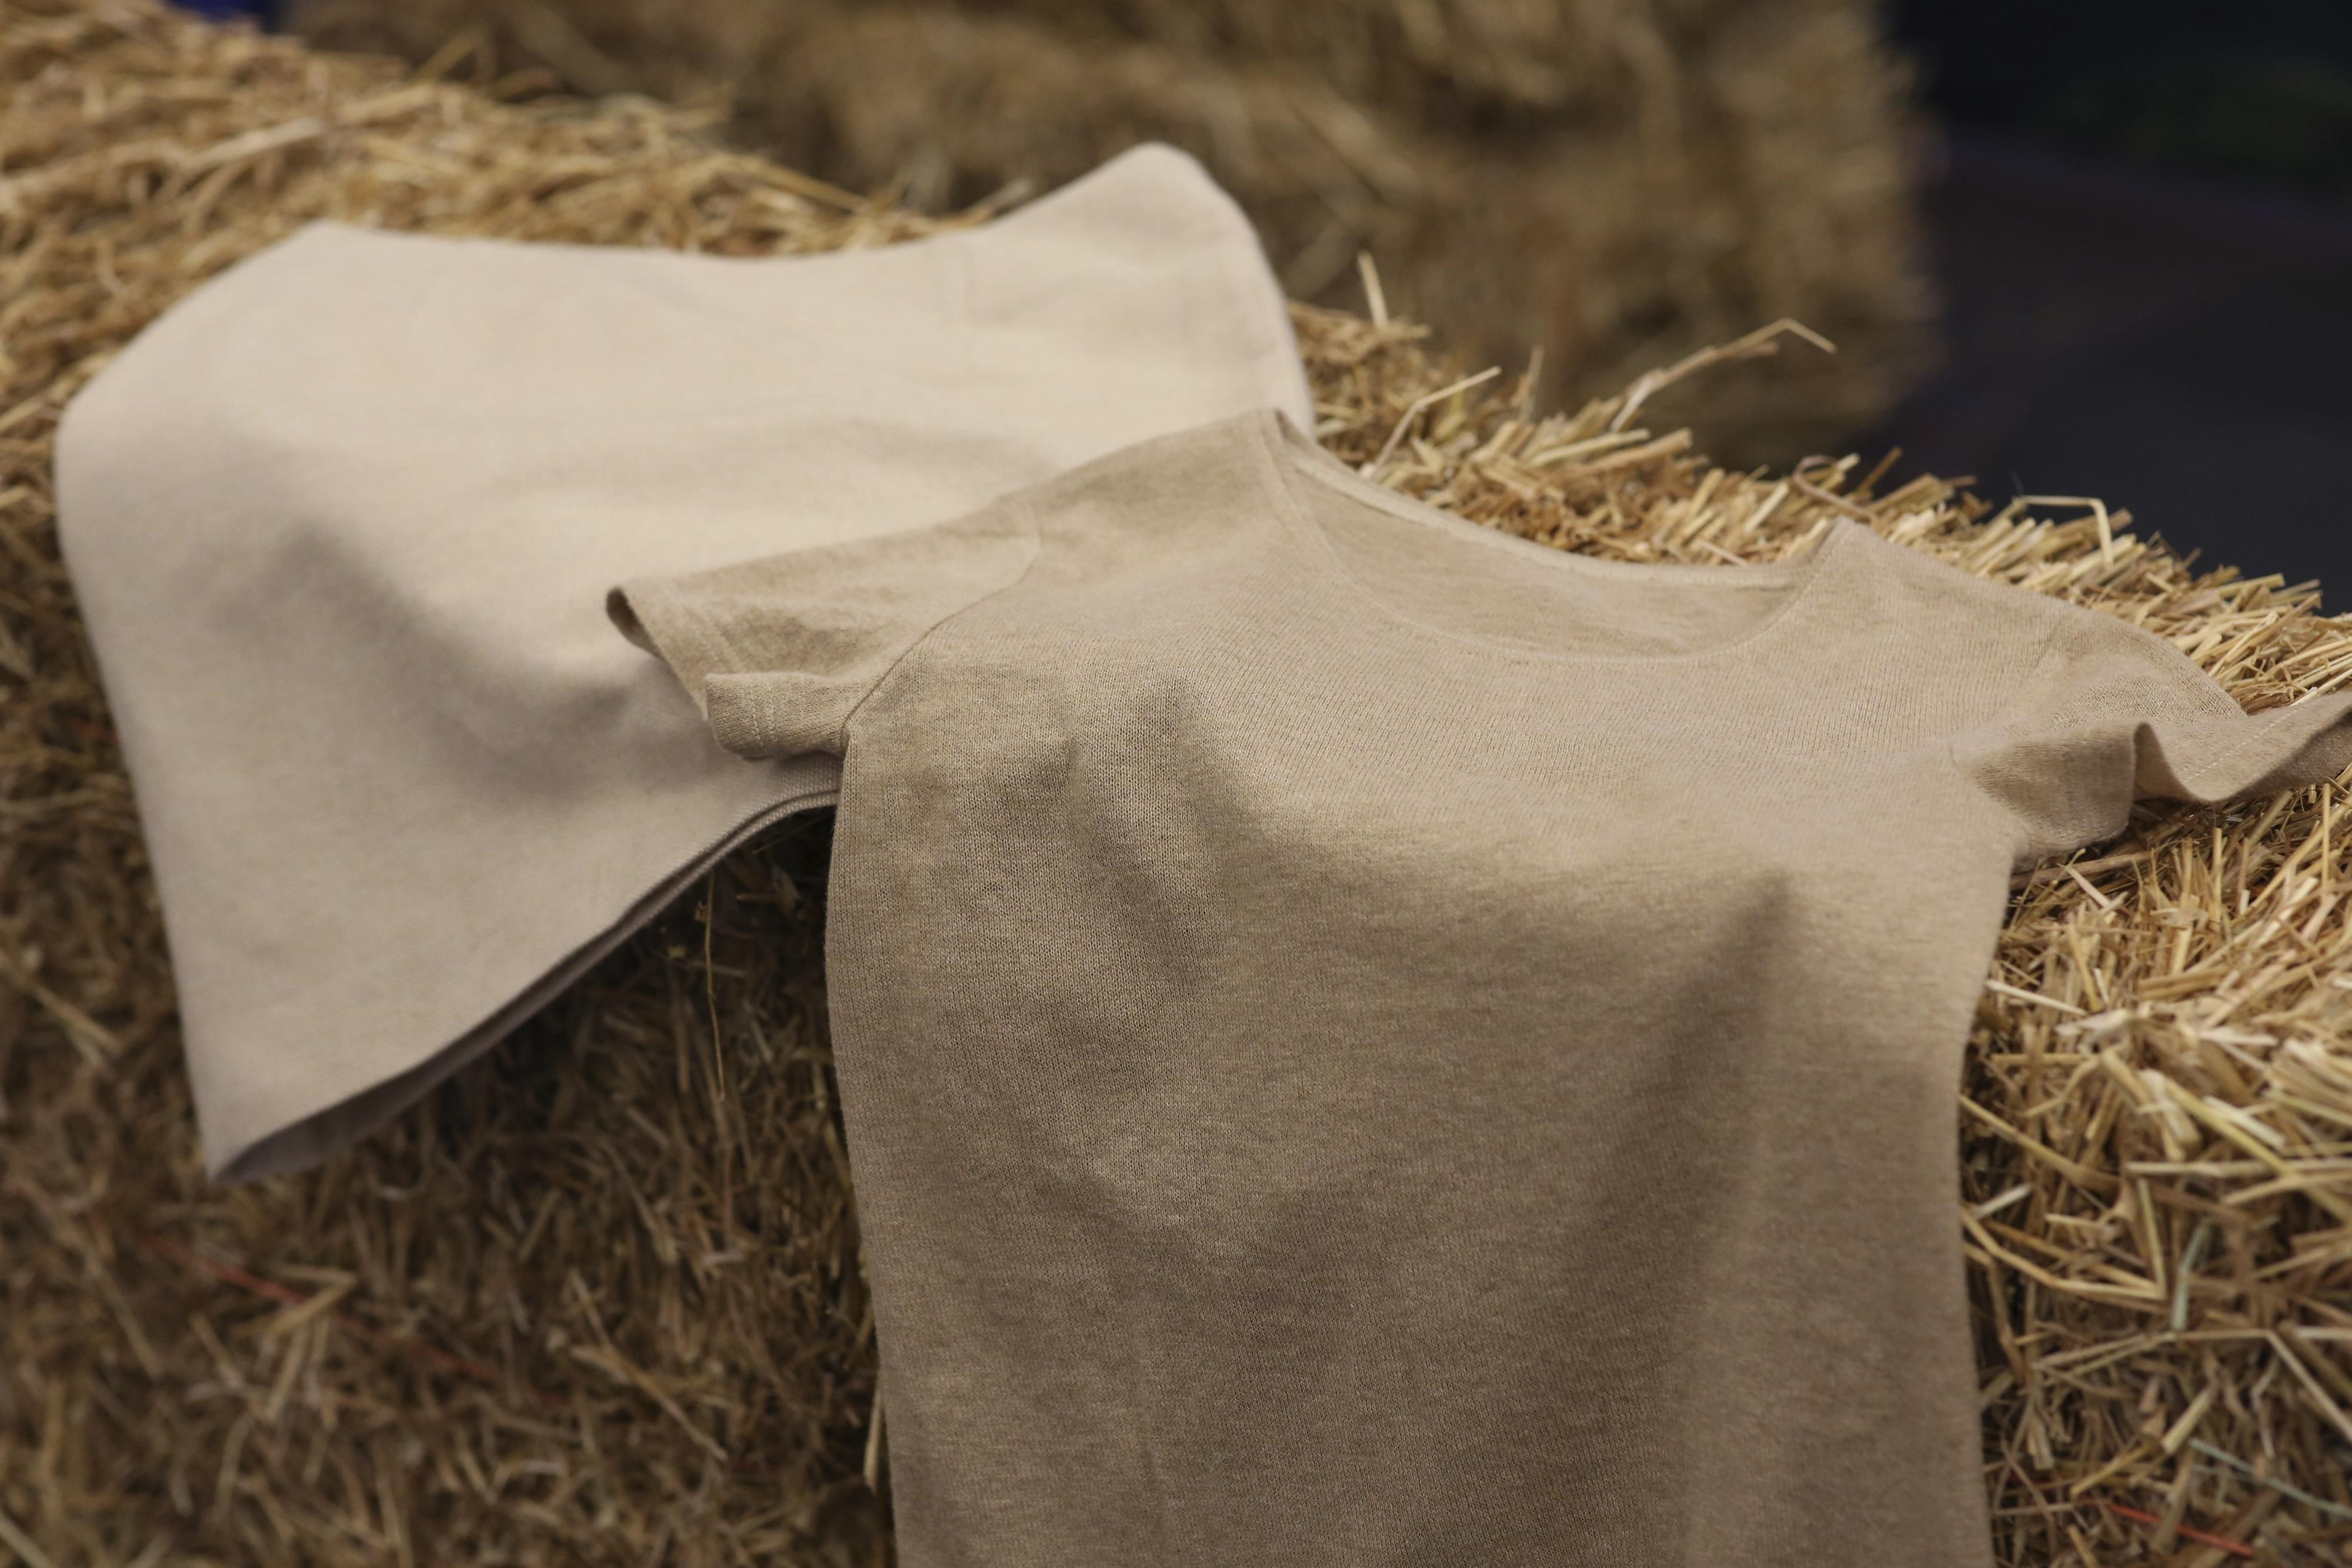 wheat straw skirt